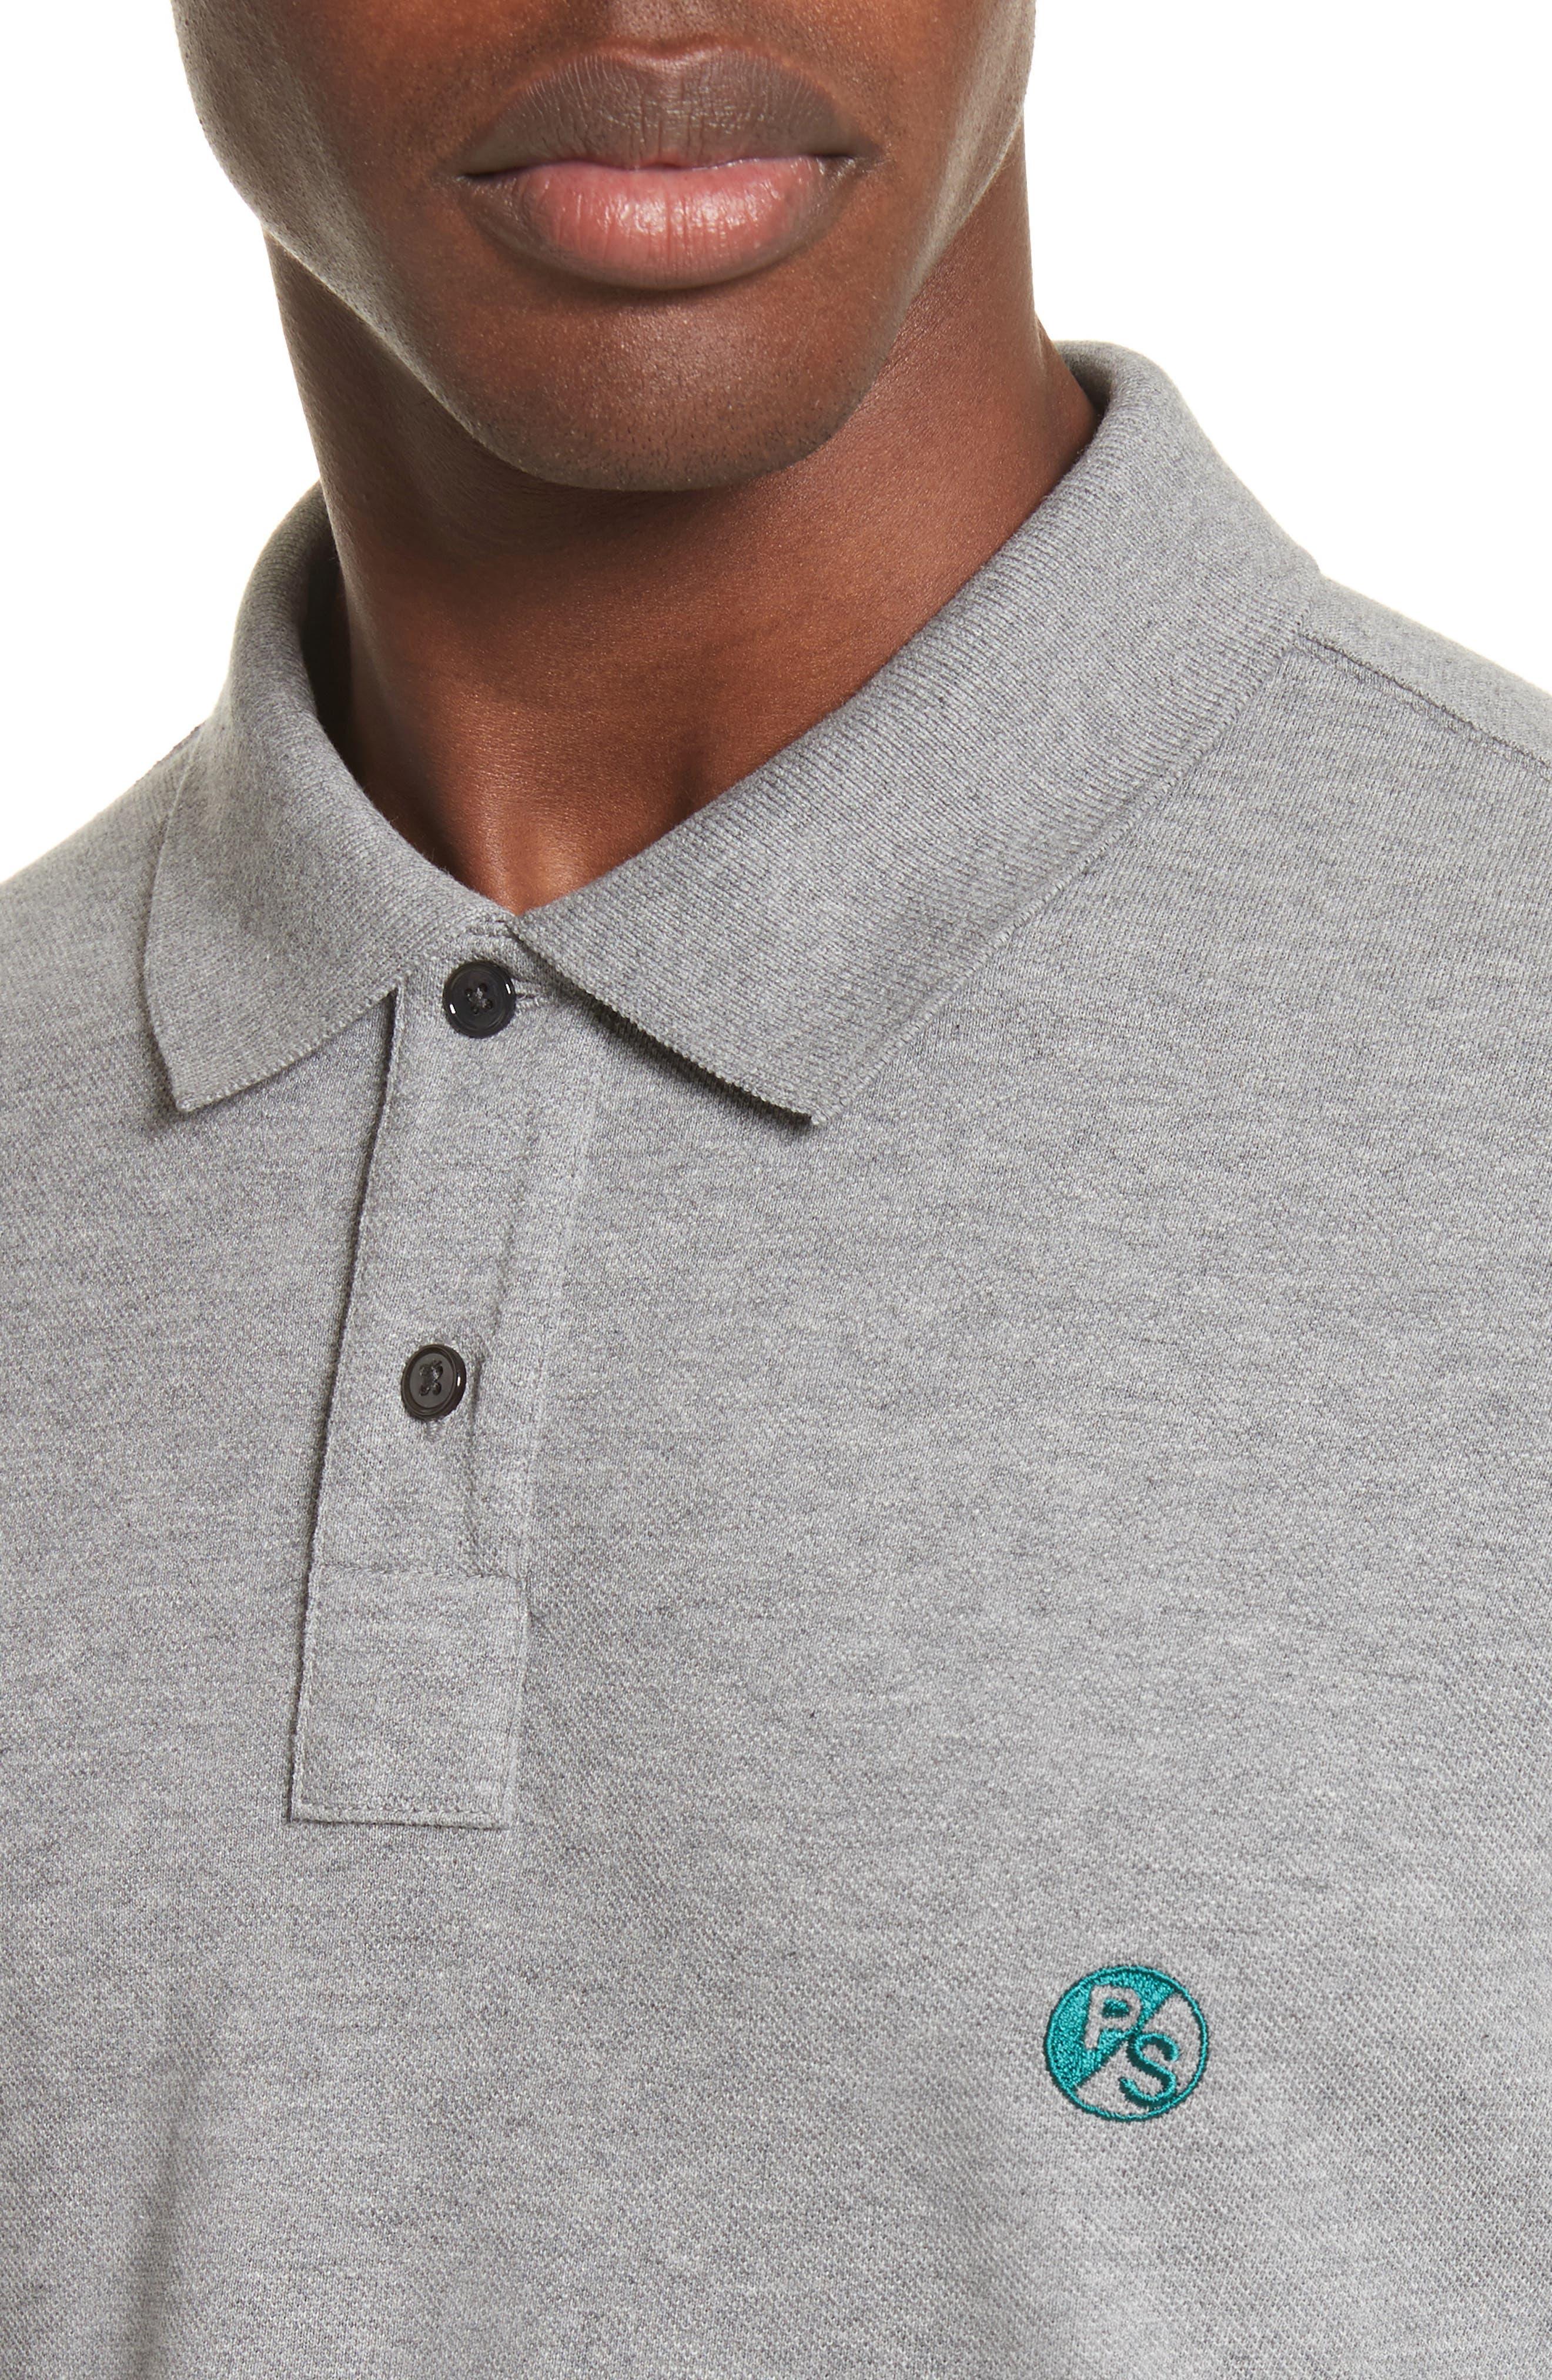 PS Logo Piqué Polo,                             Alternate thumbnail 4, color,                             Grey